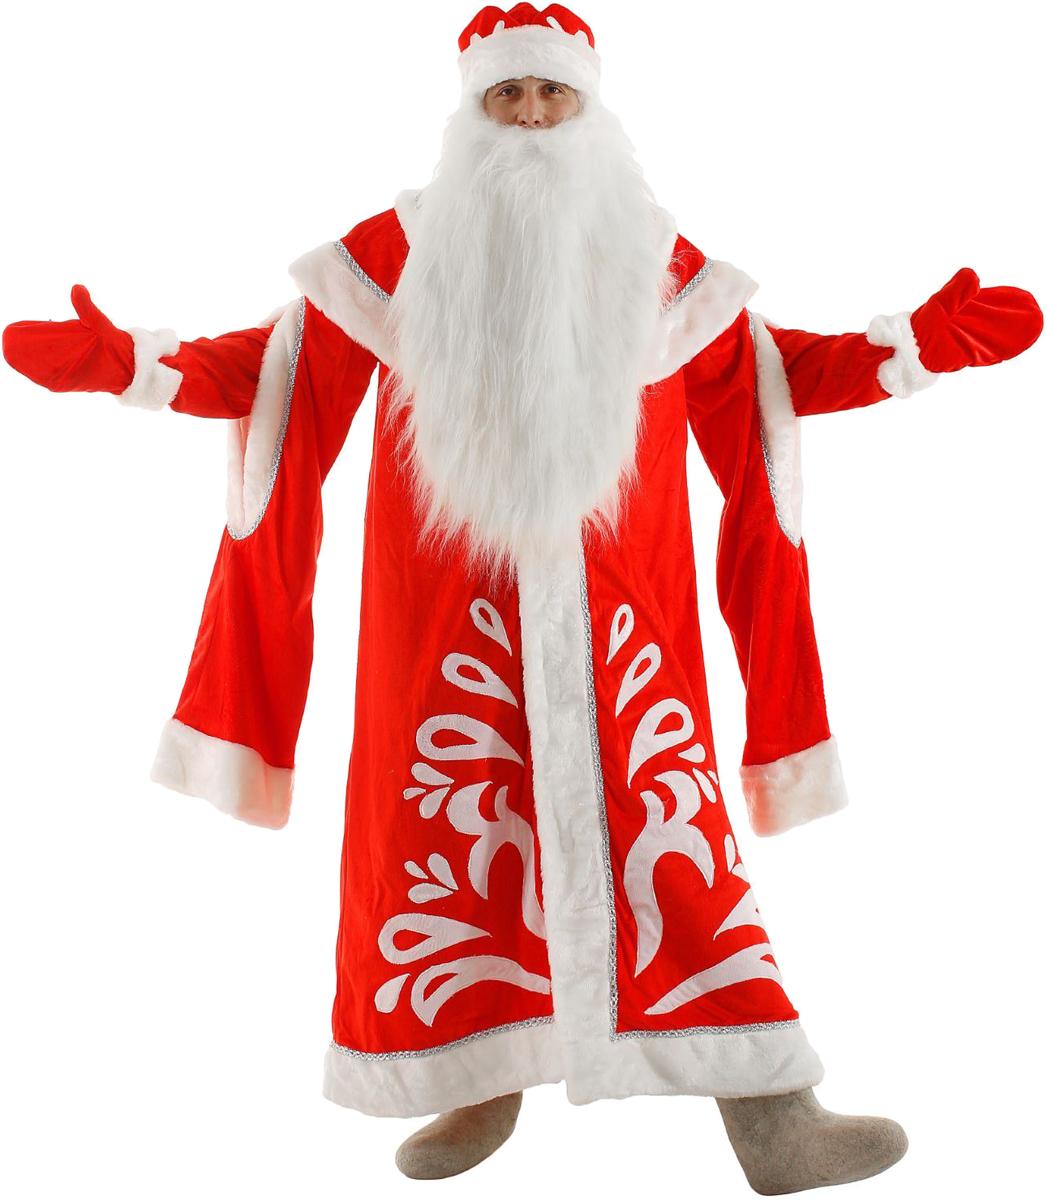 Карнавальный костюм Бока Дед Мороз, цвет: красный. Размер 52/54. 1577028 карнавальный костюм бока дед мороз цвет синий размер 52 54 1828064